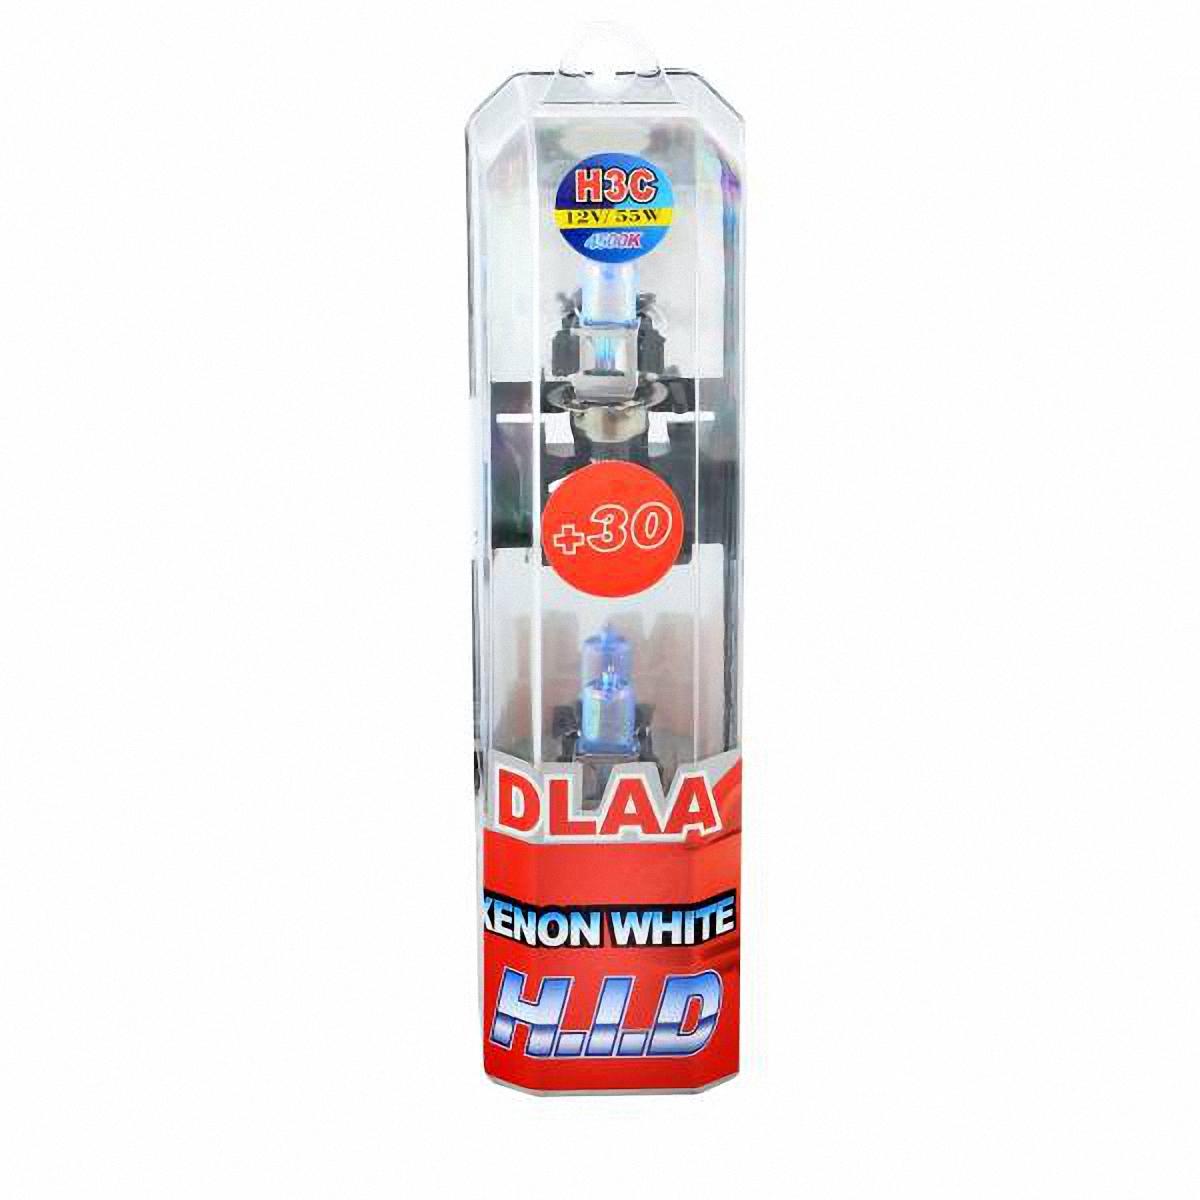 Skyway Автолампа H3С 1-конт XENON WHITE+30. H3C-12V55W-P BH3C-12V55W-P BГалогеновые лампы XENON WHITE+30 4500K под ксенон представляют собой очень яркие лампы, имитирующие свет ксенона. Достигается это за счет специального напыления на газонаполненные лампы, а точнее на колбы, в которые под высоким давлением закачан газ. Данные галогеновые лампы не создают неудобств водителям встречных автотранспортных средств, не превышают допустимую нагрузку на бортовую сеть автомобиля, безопасны и долговечны и отвечают всем без исключения стандартам качества.